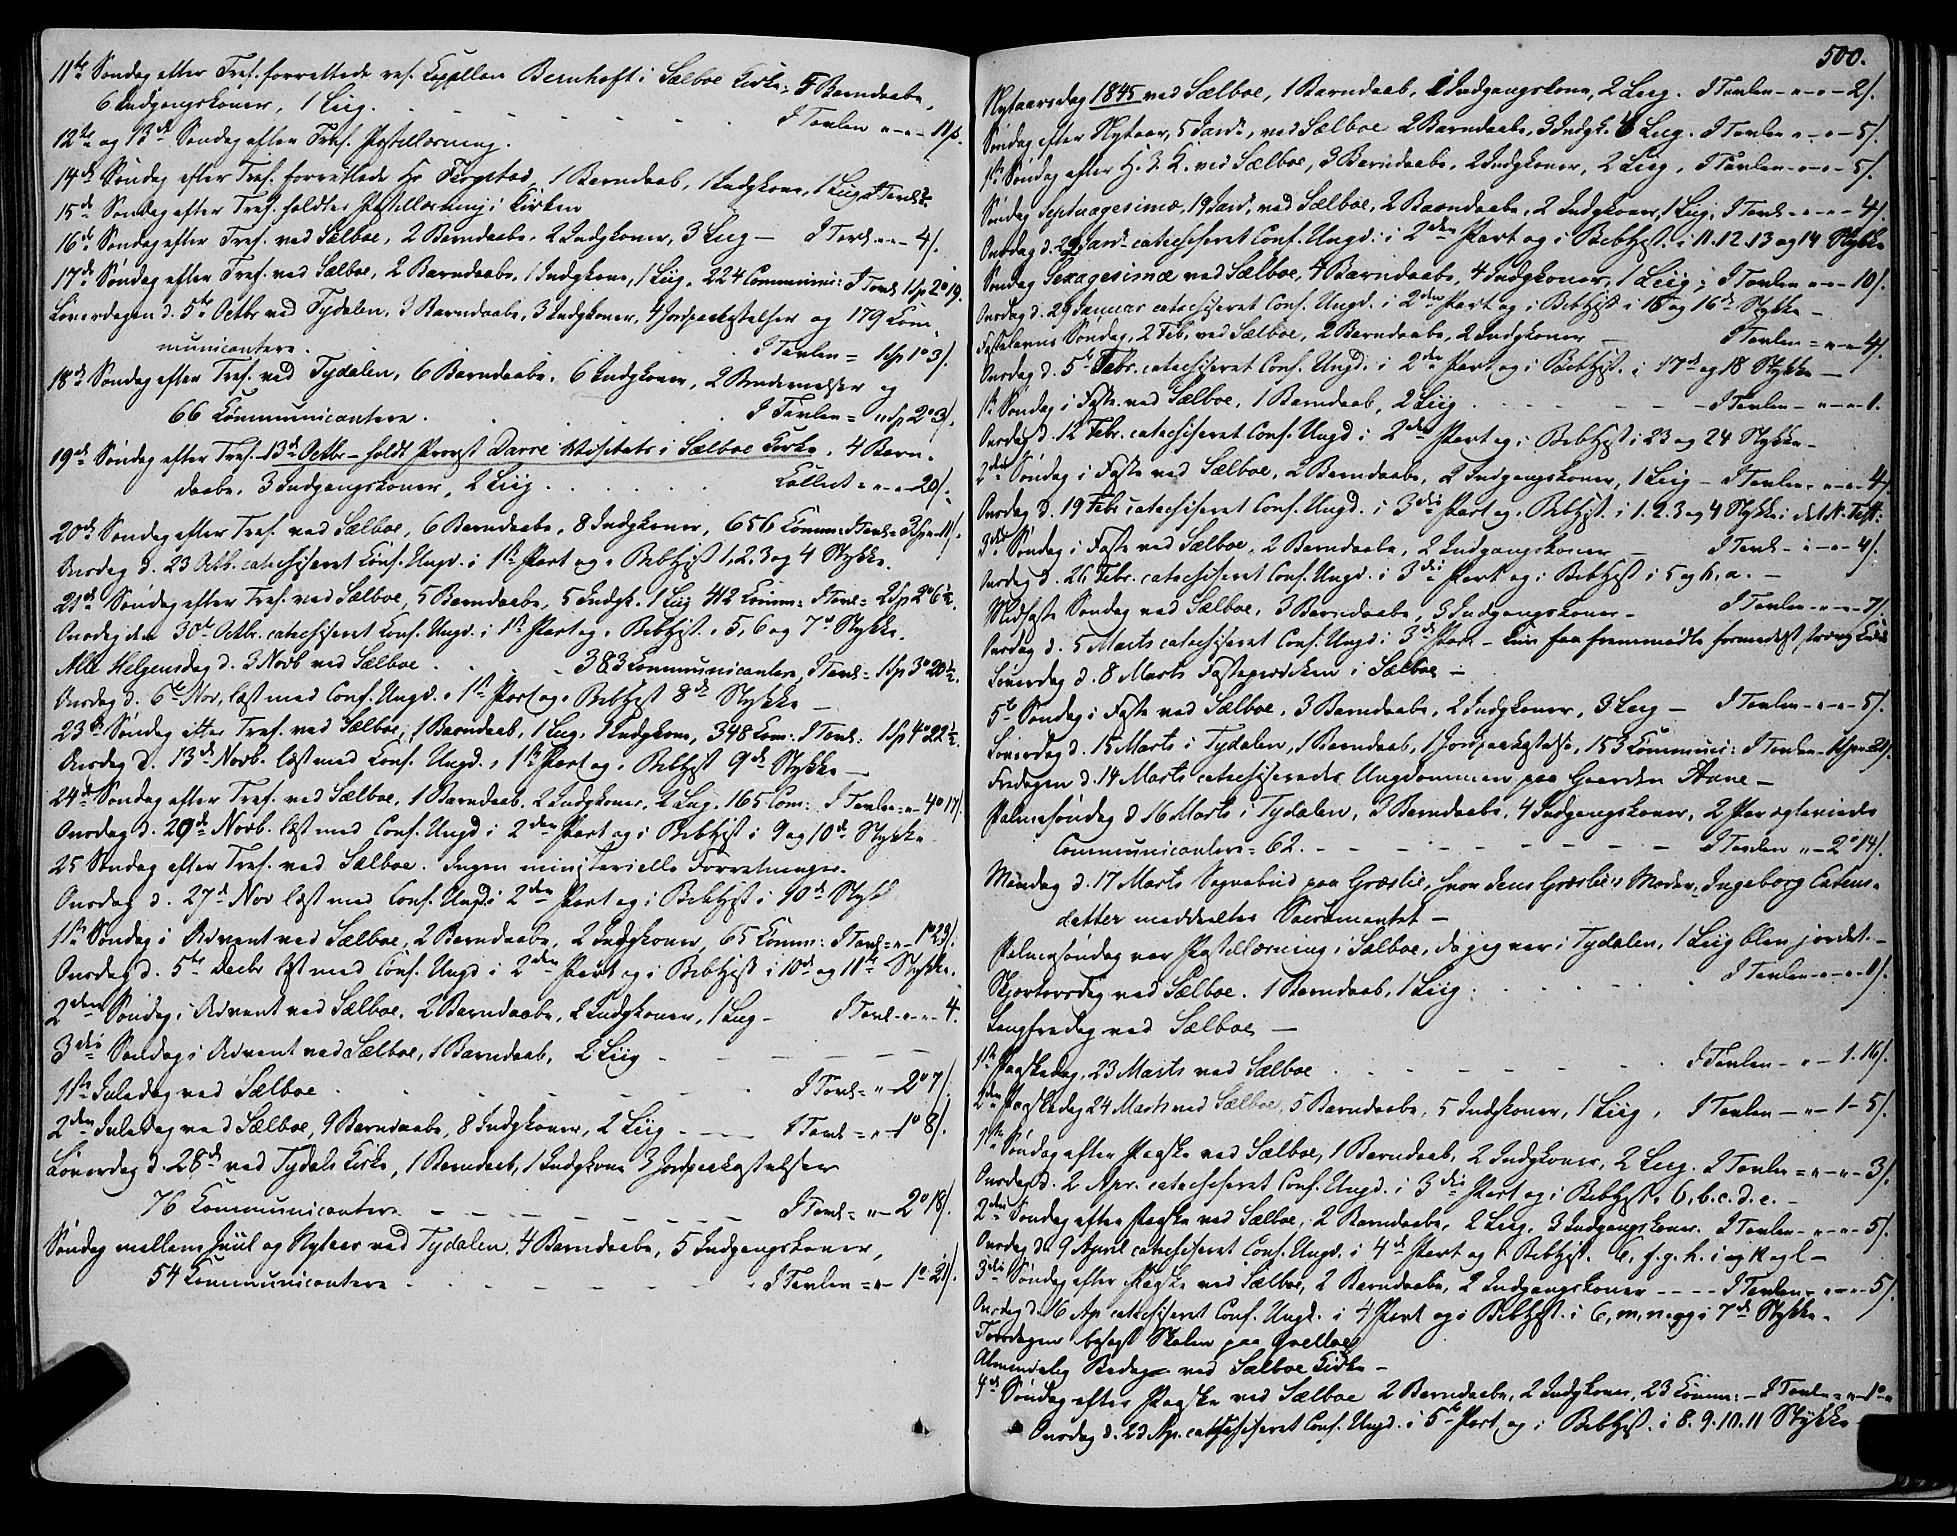 SAT, Ministerialprotokoller, klokkerbøker og fødselsregistre - Sør-Trøndelag, 695/L1145: Ministerialbok nr. 695A06 /1, 1843-1859, s. 500